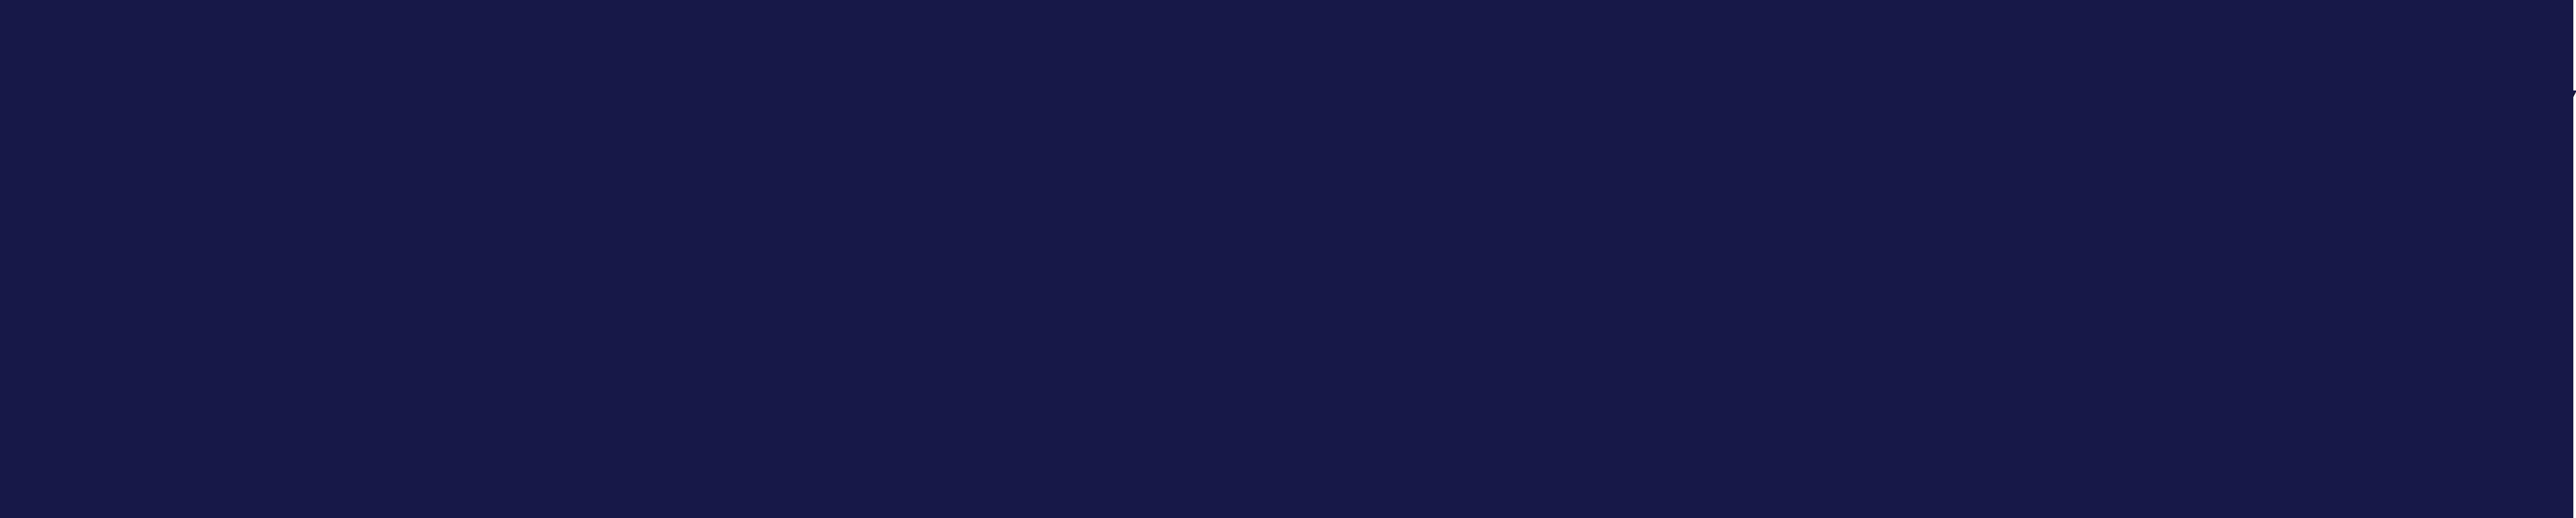 Birmingham City University img-responsive